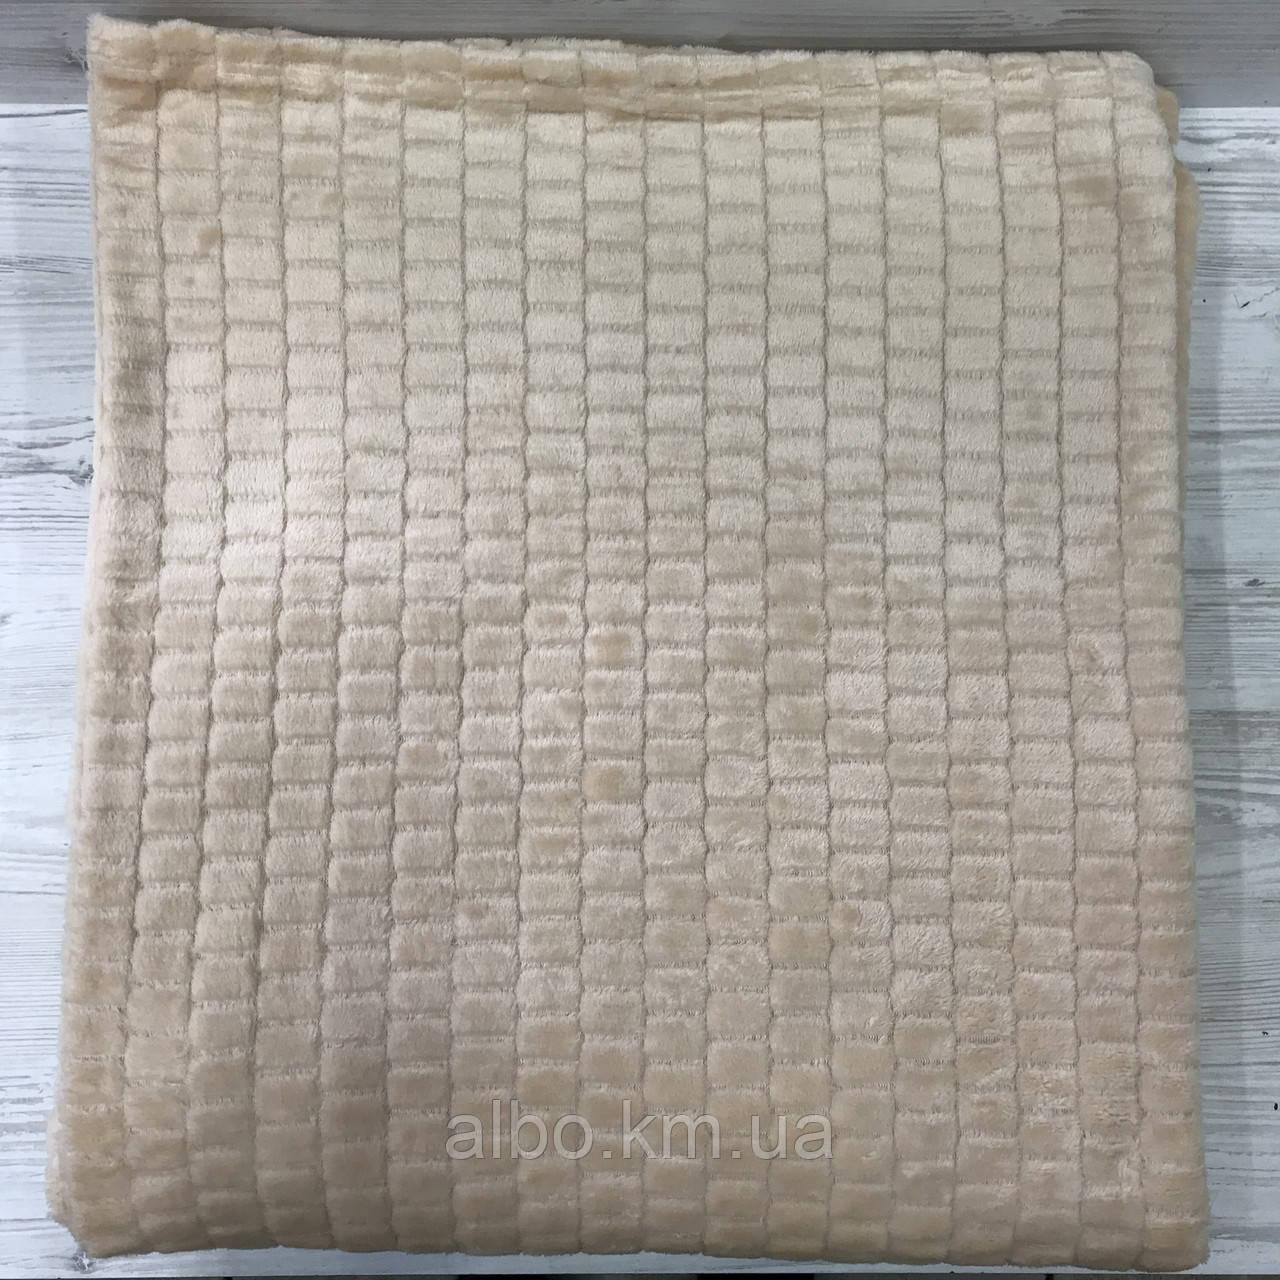 """Плед """"Брусчатка"""" из микрофибры ALBO 200х230 cm Ванильное (P-F3-6-2)"""